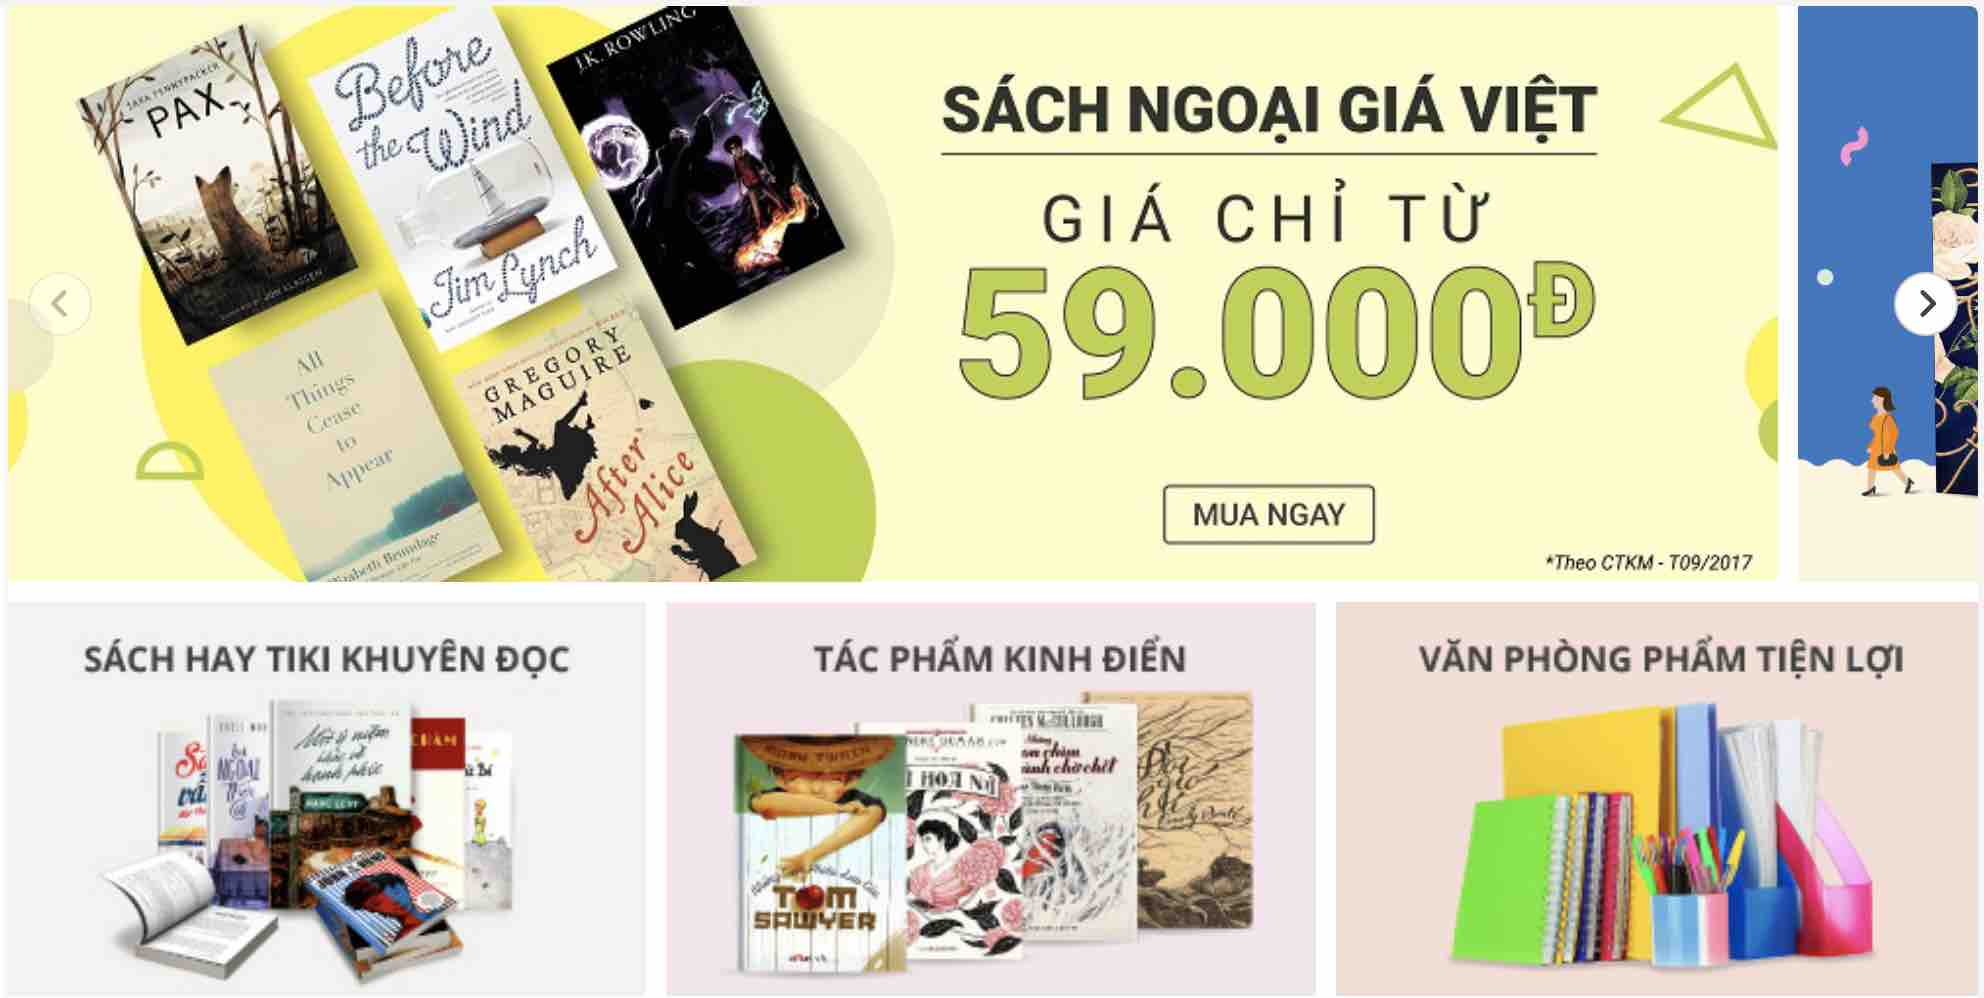 sách bán chạy tại Tiki